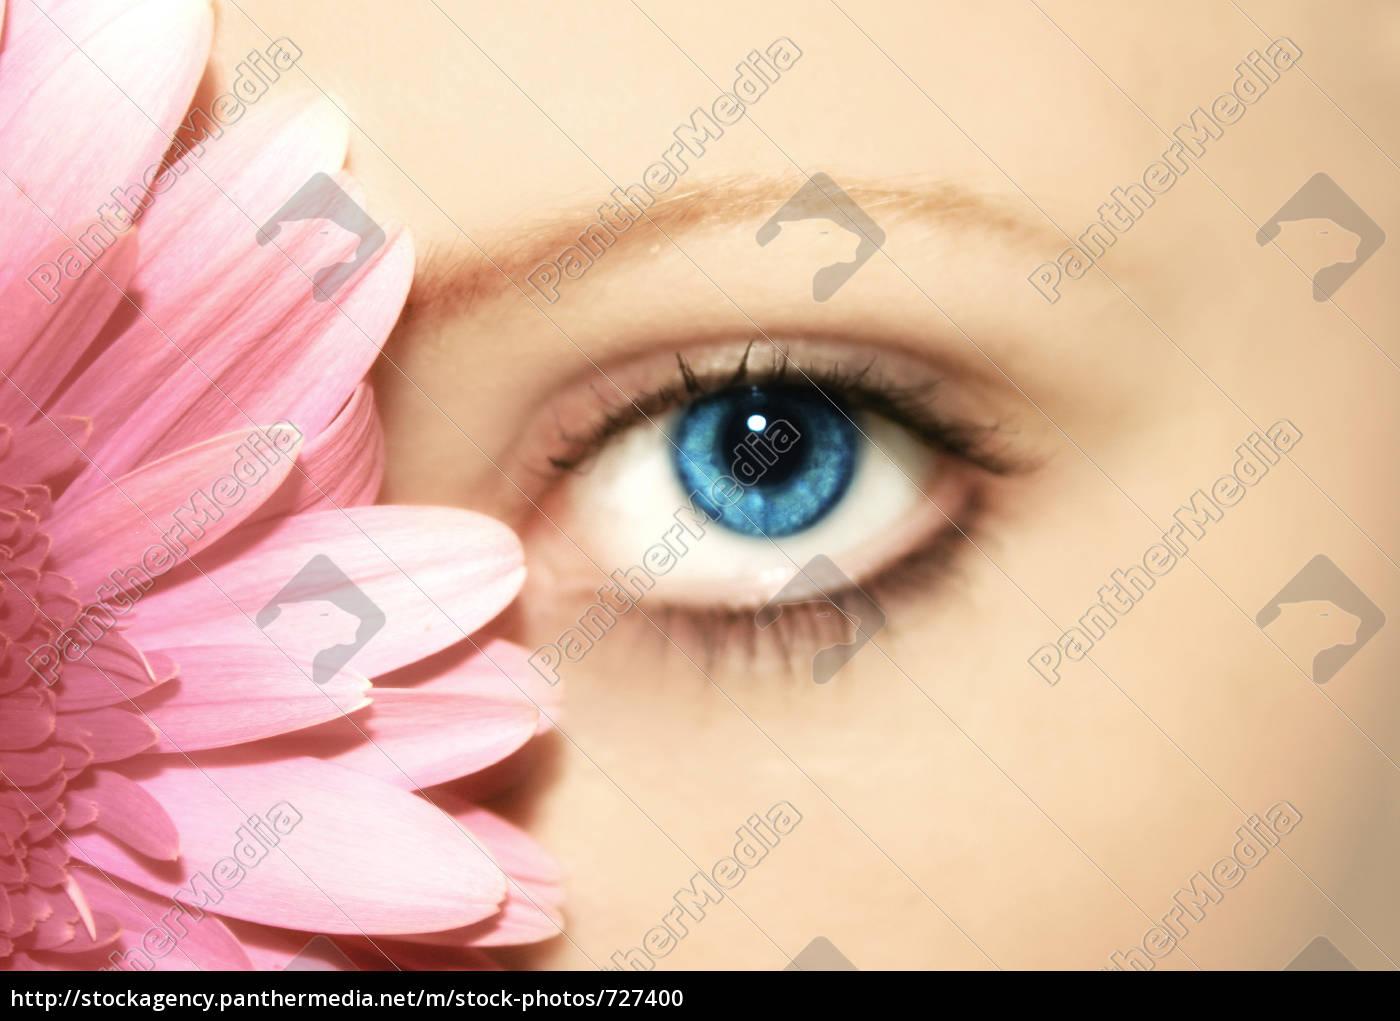 beauty, -, flower, -, eye - 727400